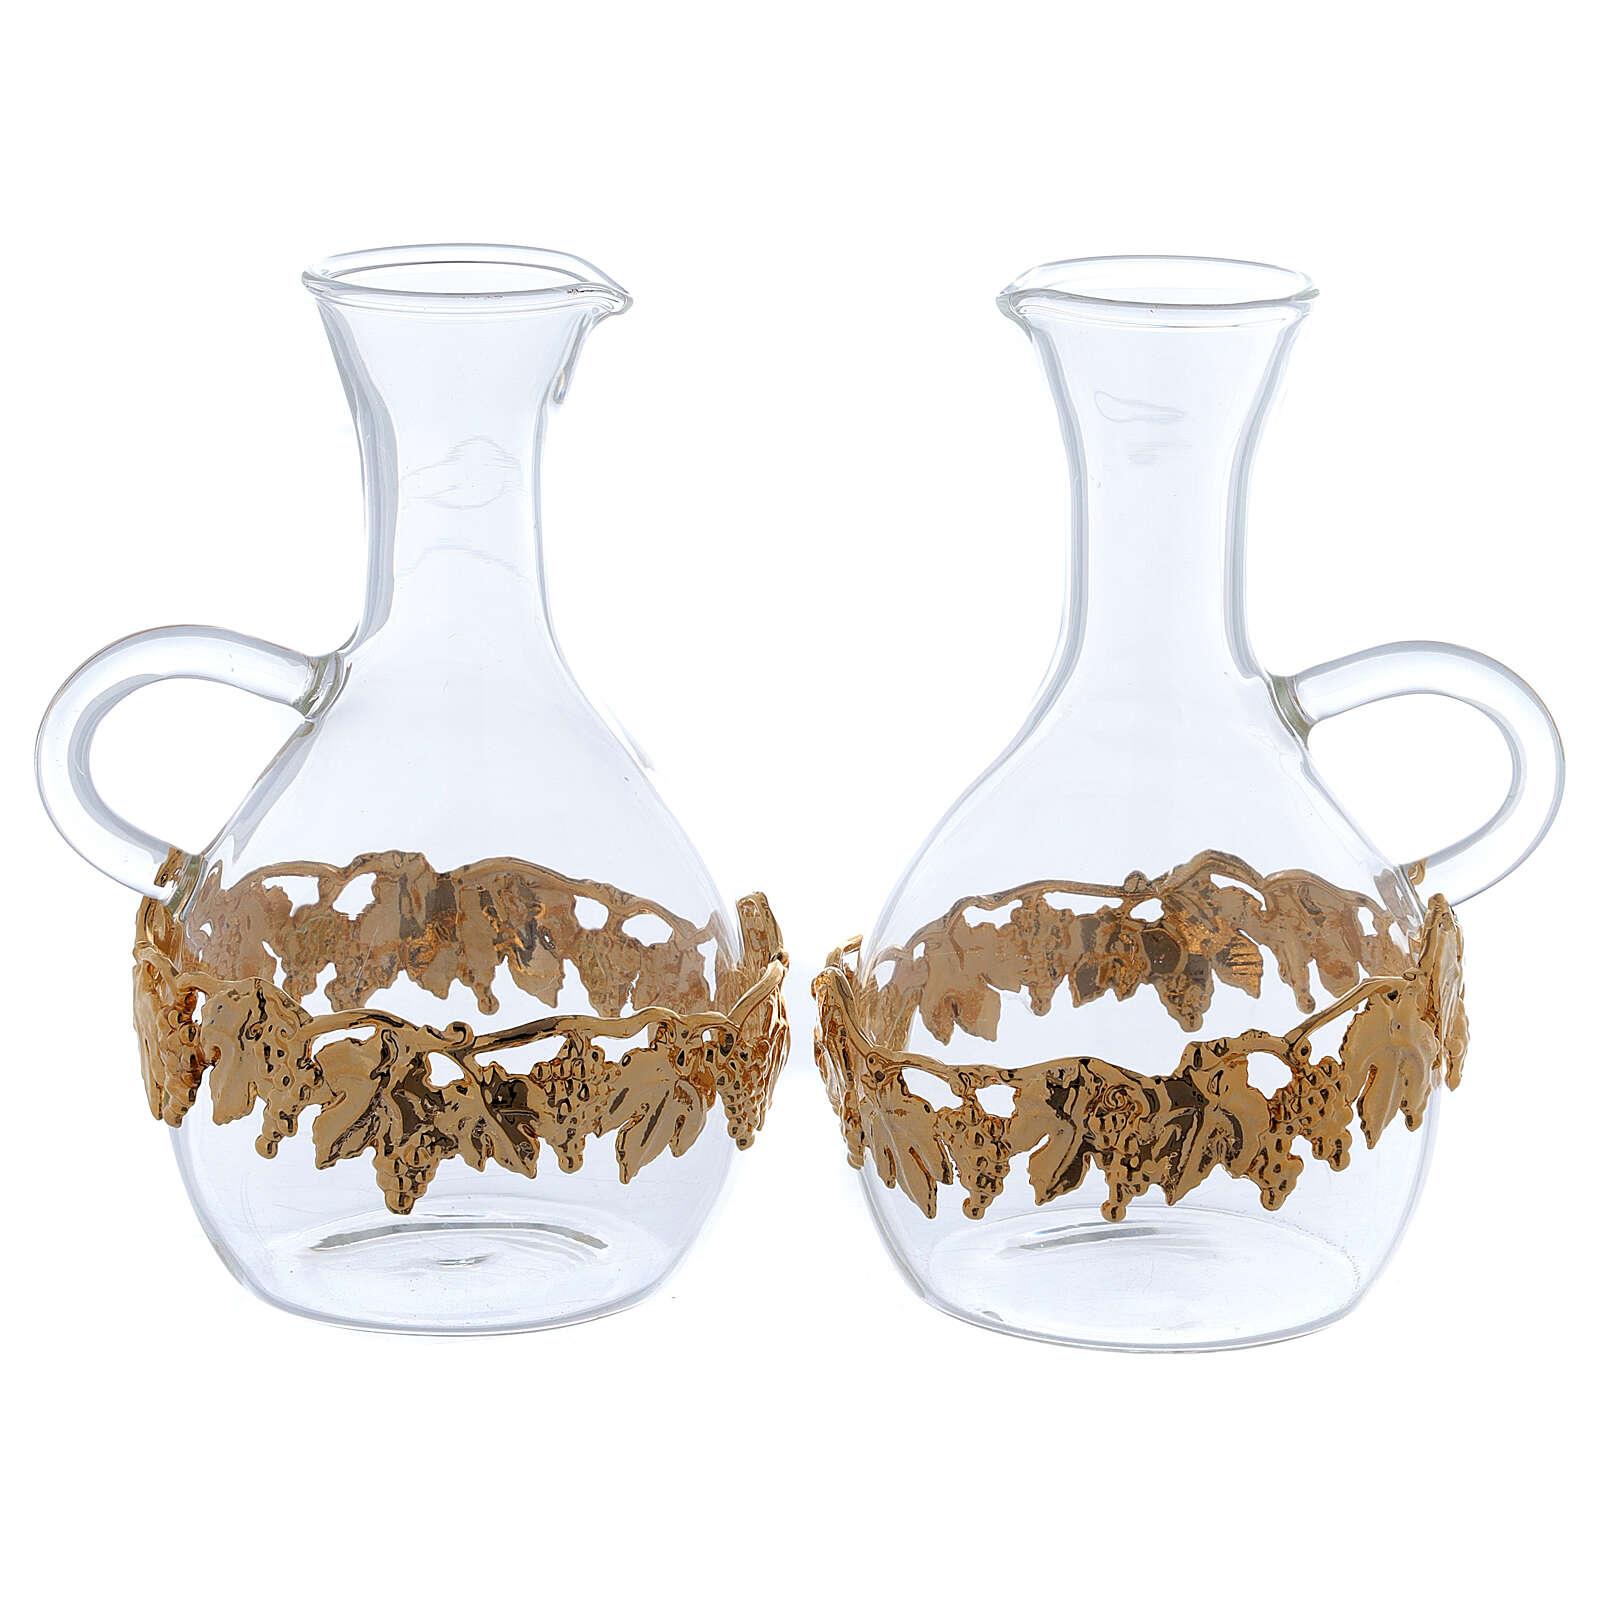 Ewer in glass and golden zamak Venezia model, 2 pcs 4